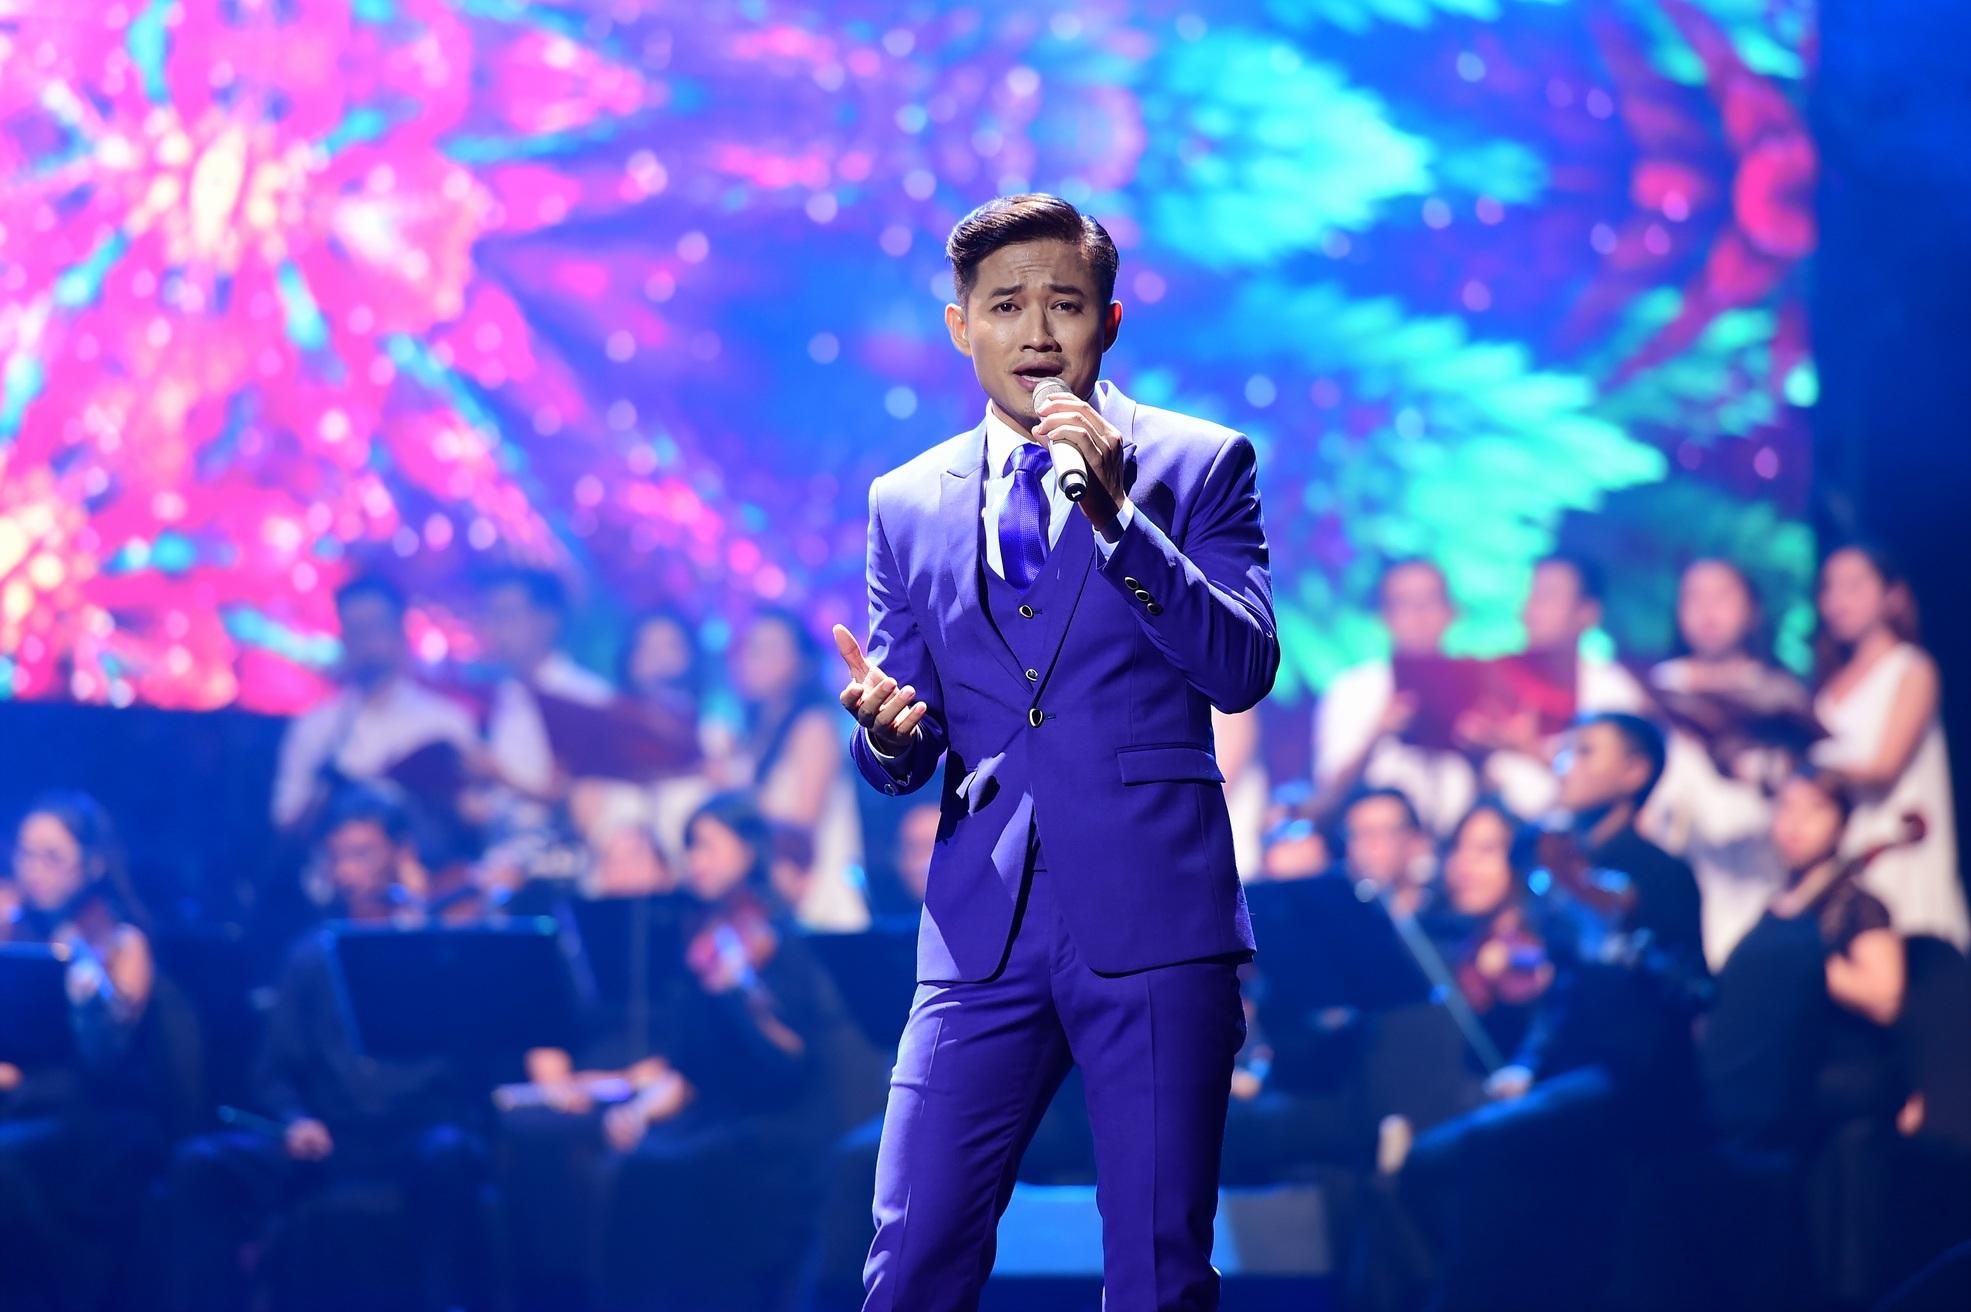 Diễn viên Quý Bình cũng gây bất ngờ khi lần đầu đứng trên sân khấu của đêm nhạc đặc biệt này.